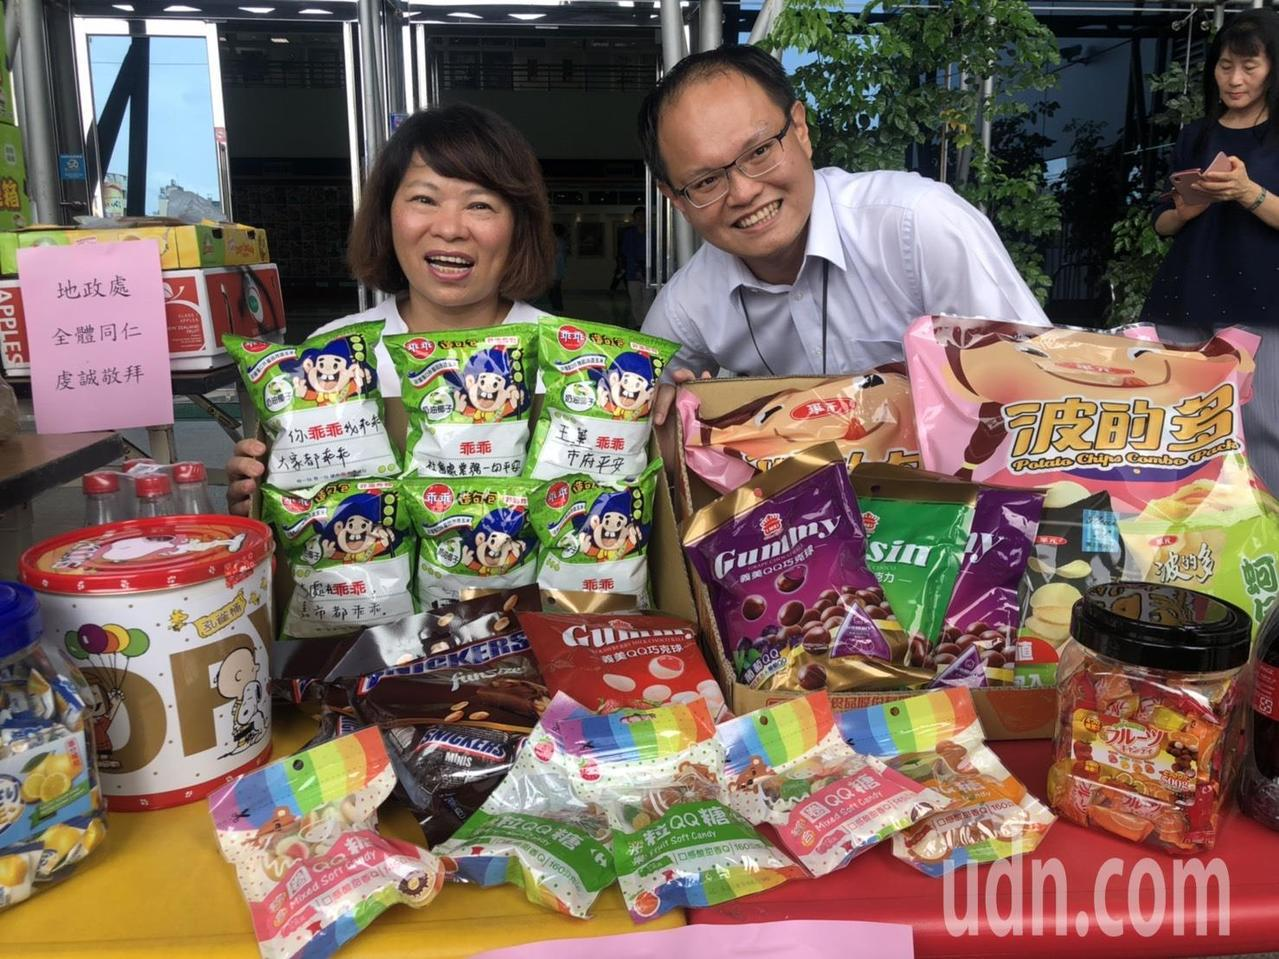 社會處長林家緯(右)為「小朋友」準備餅乾,市長黃敏惠也喊出「你乖乖,我乖乖,大家...